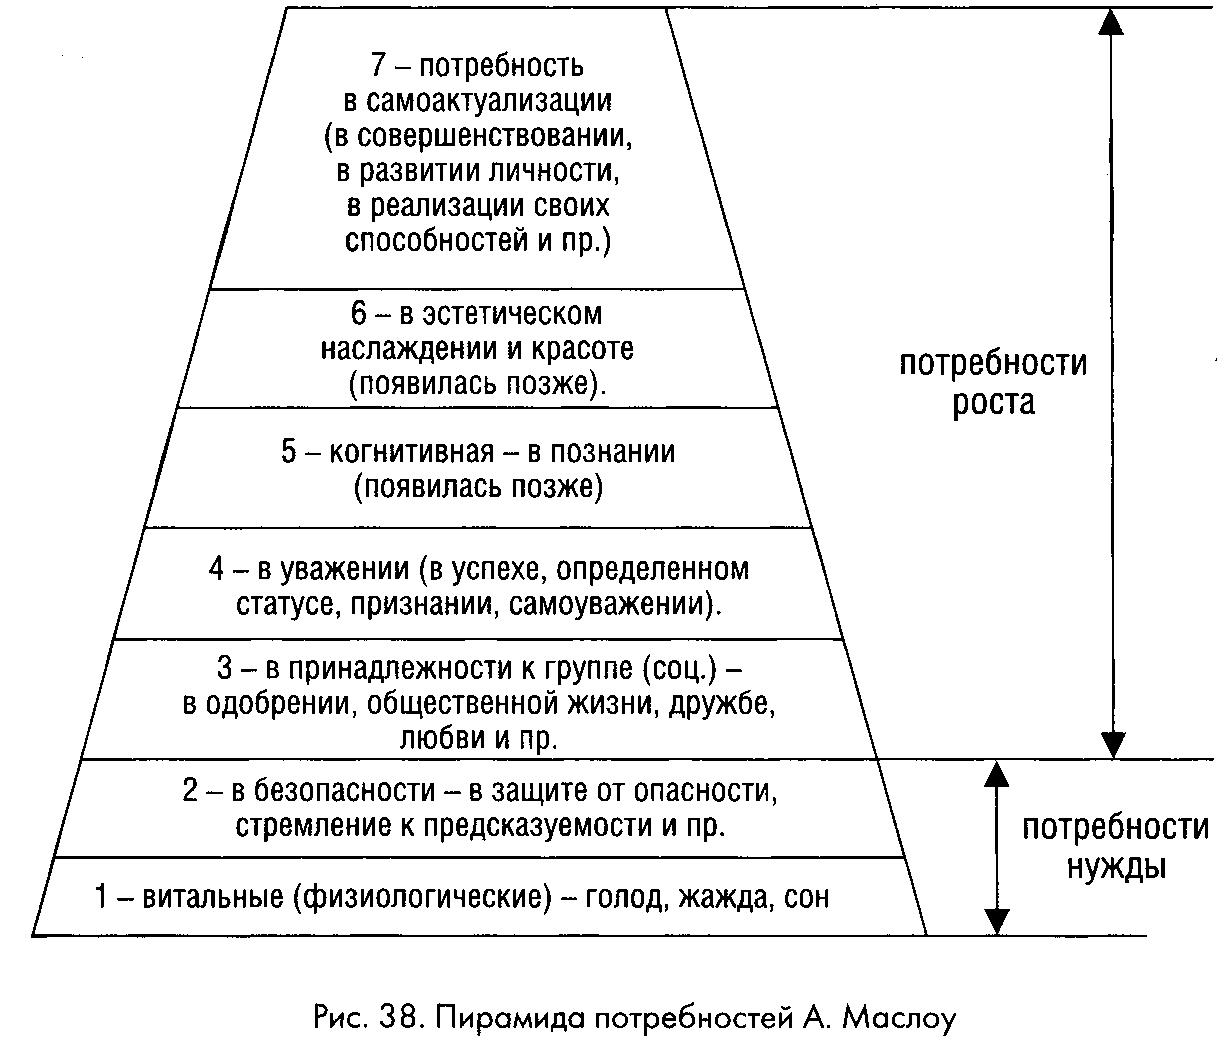 Подходы к изучению направленности личности в психологии